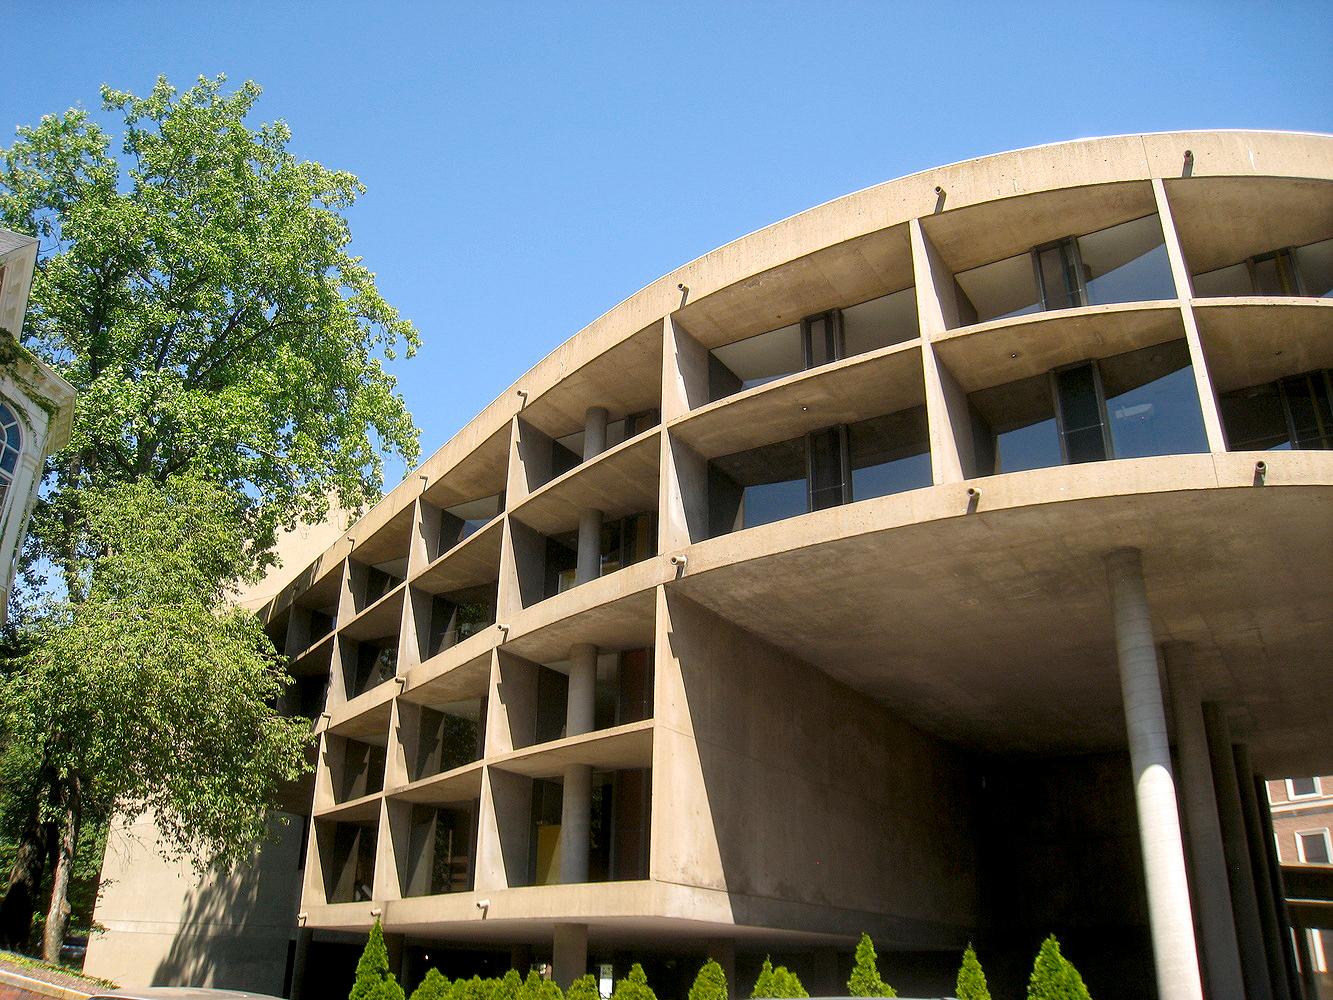 Centro Carpenter para Artes Visuais: único edifício projetado por Le Corbusier nos Estados Unidos. Crédito: Pinterest.